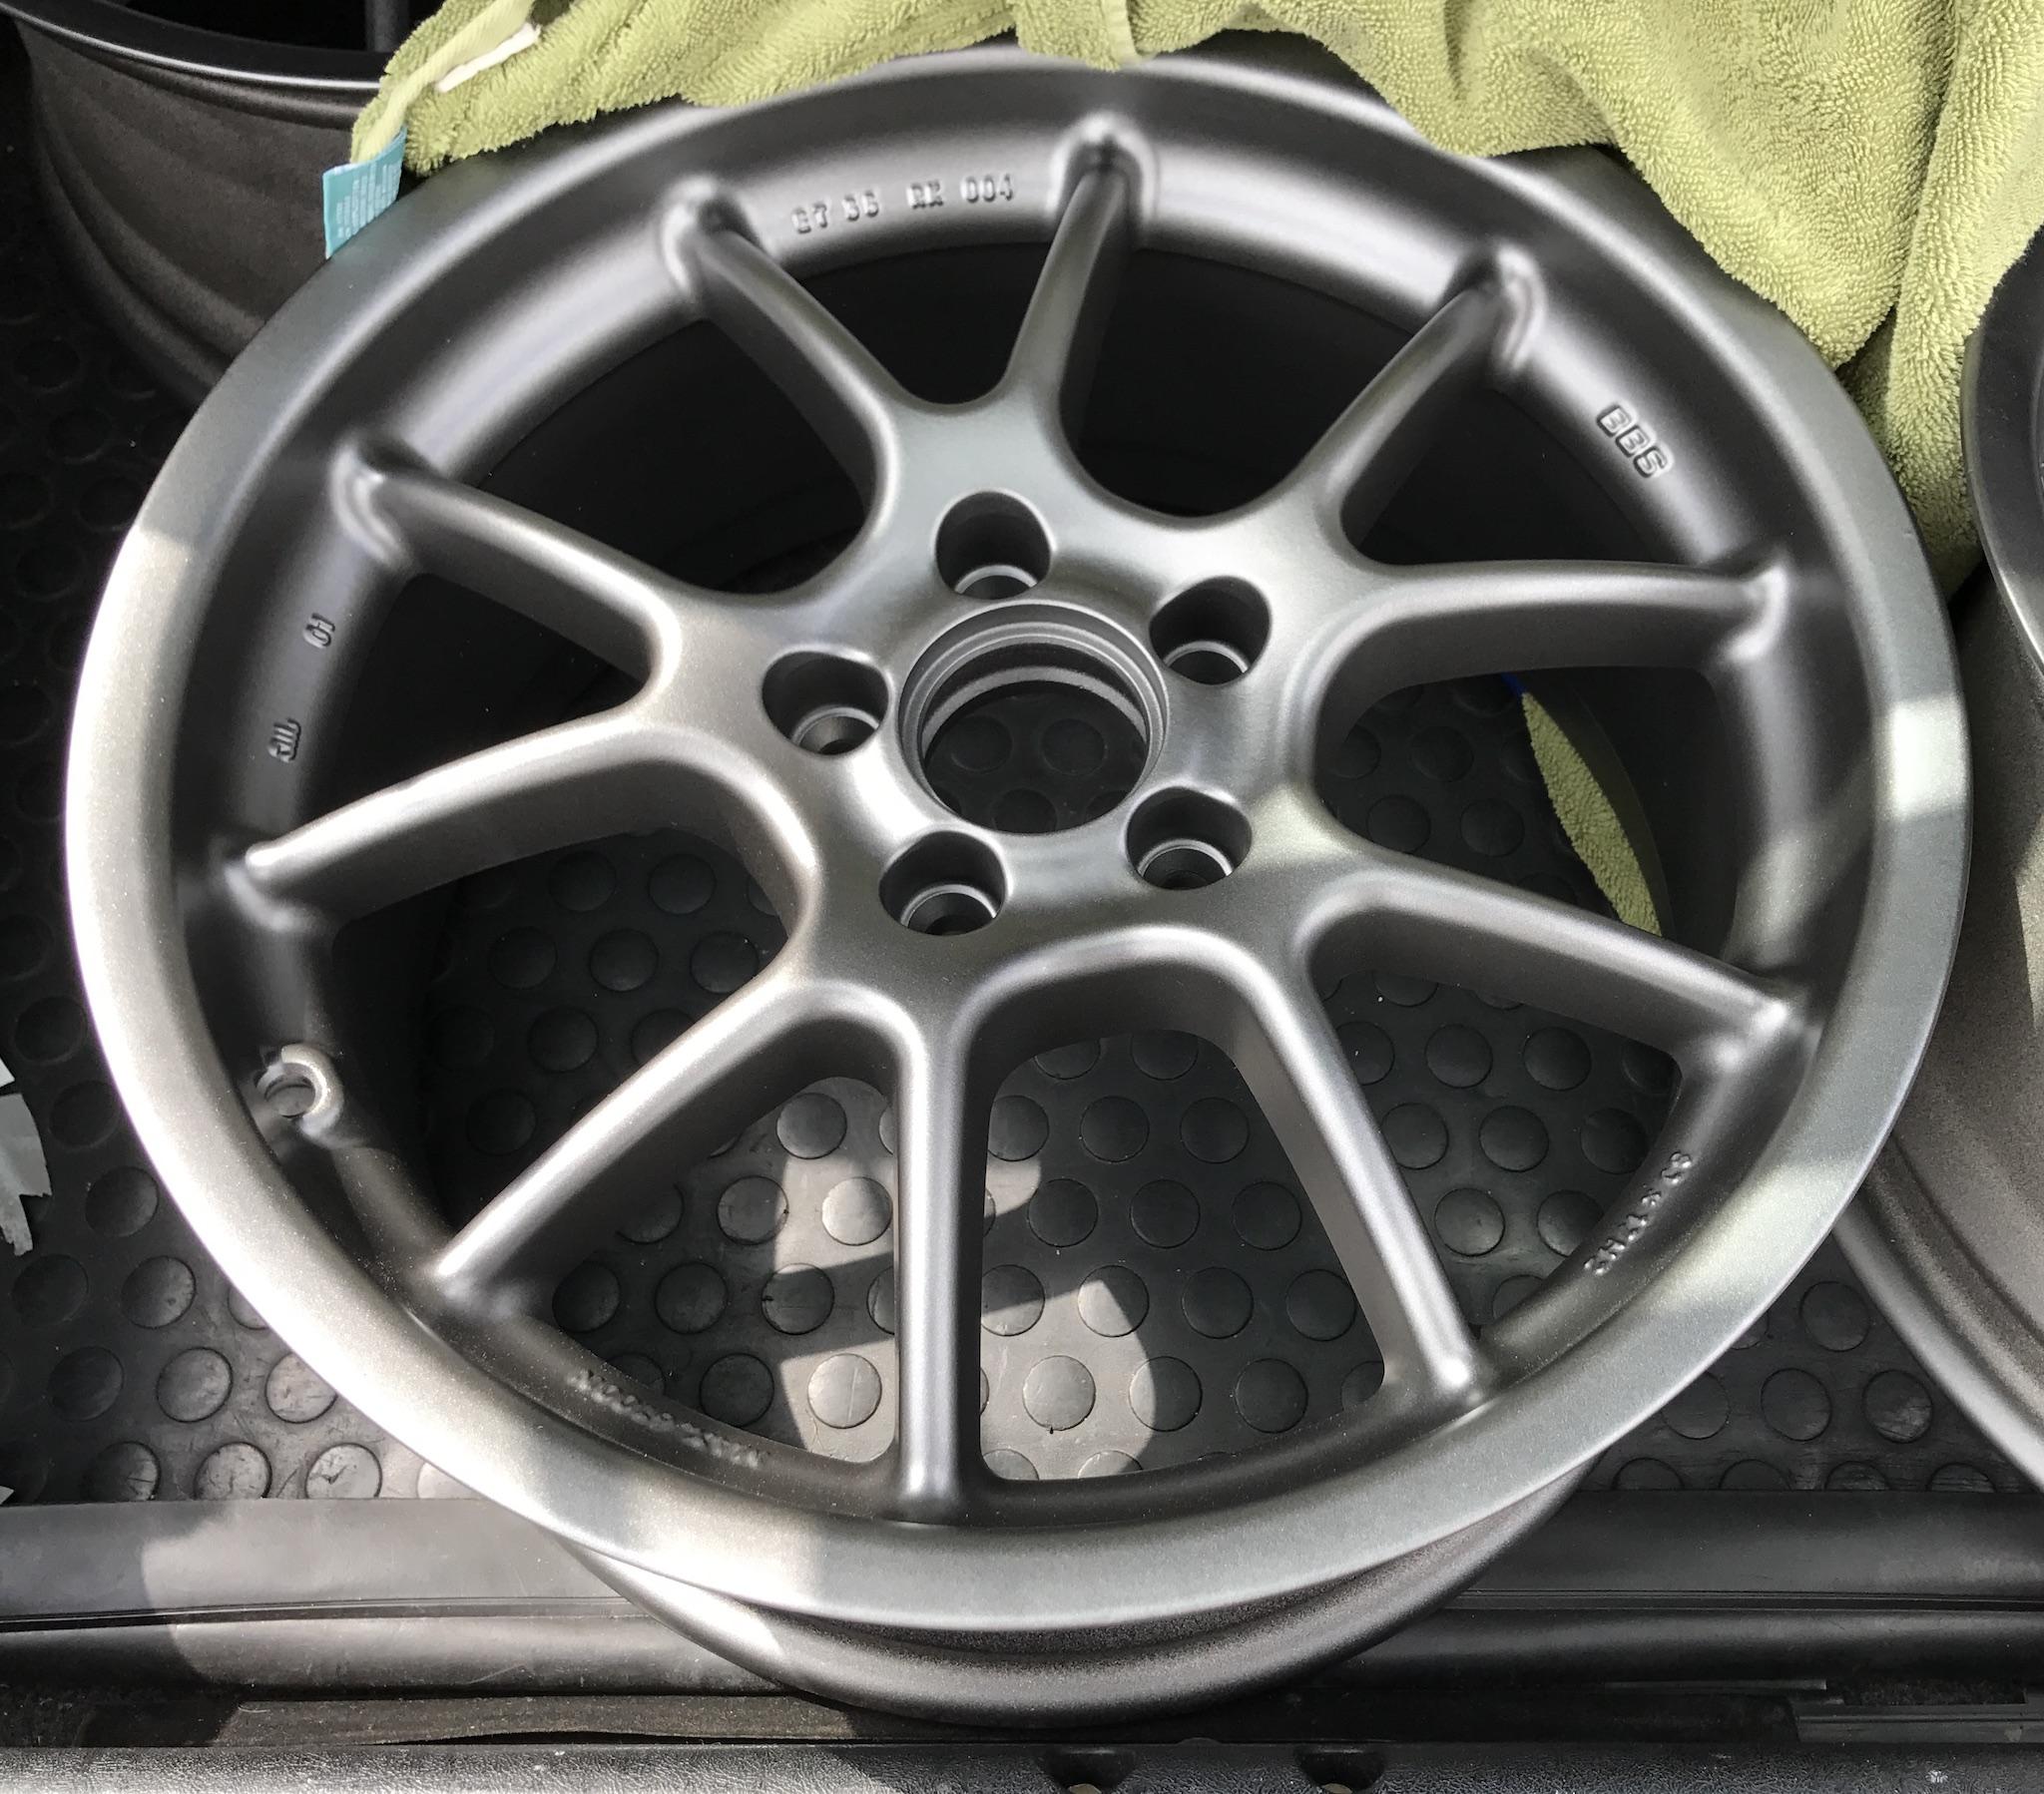 2005 saab 9 5 arc wheels webb family auto service records